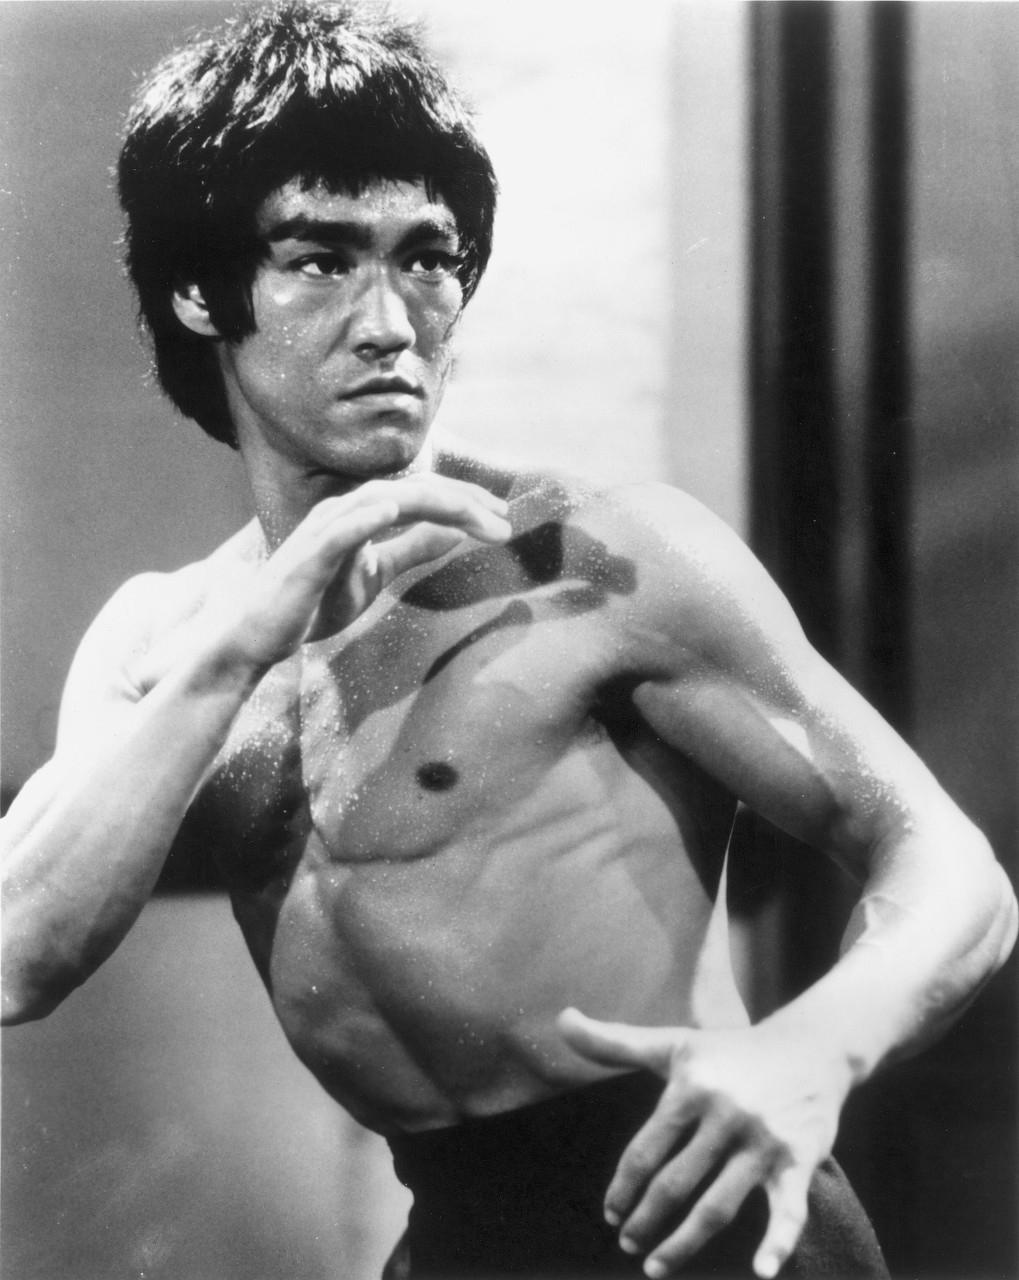 李小龙一生仅有一场官方比赛,18岁虐打拳击冠军,三次击倒对手